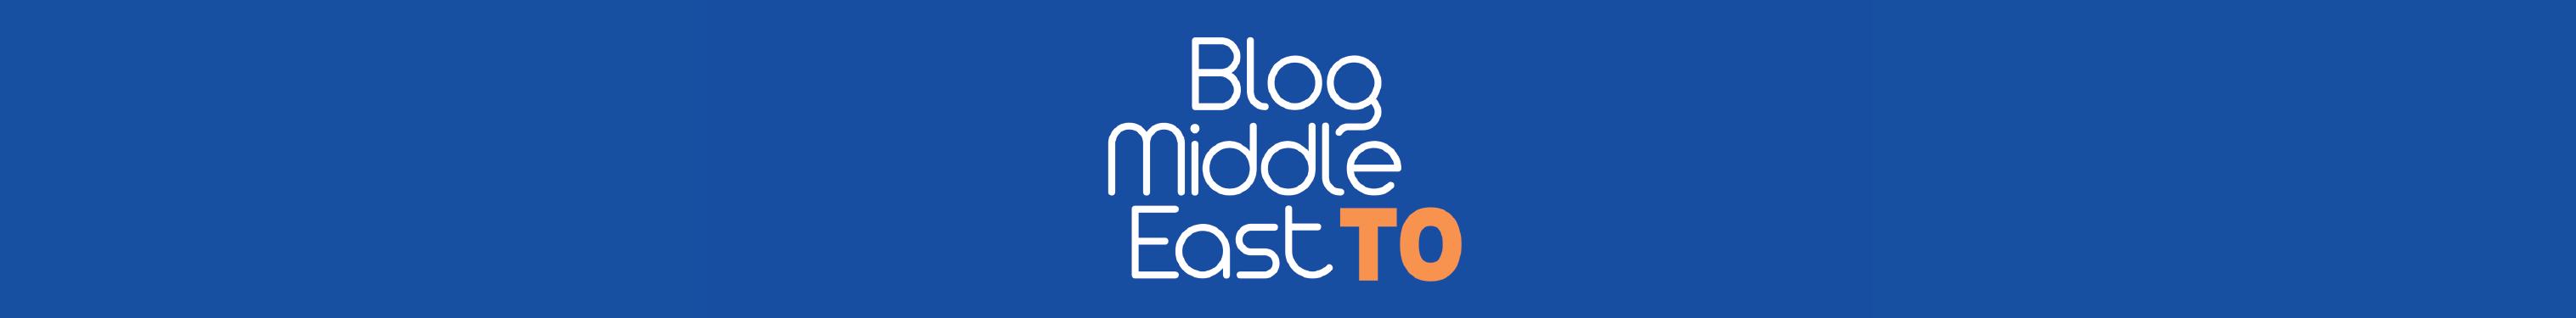 BlogMiddleEast